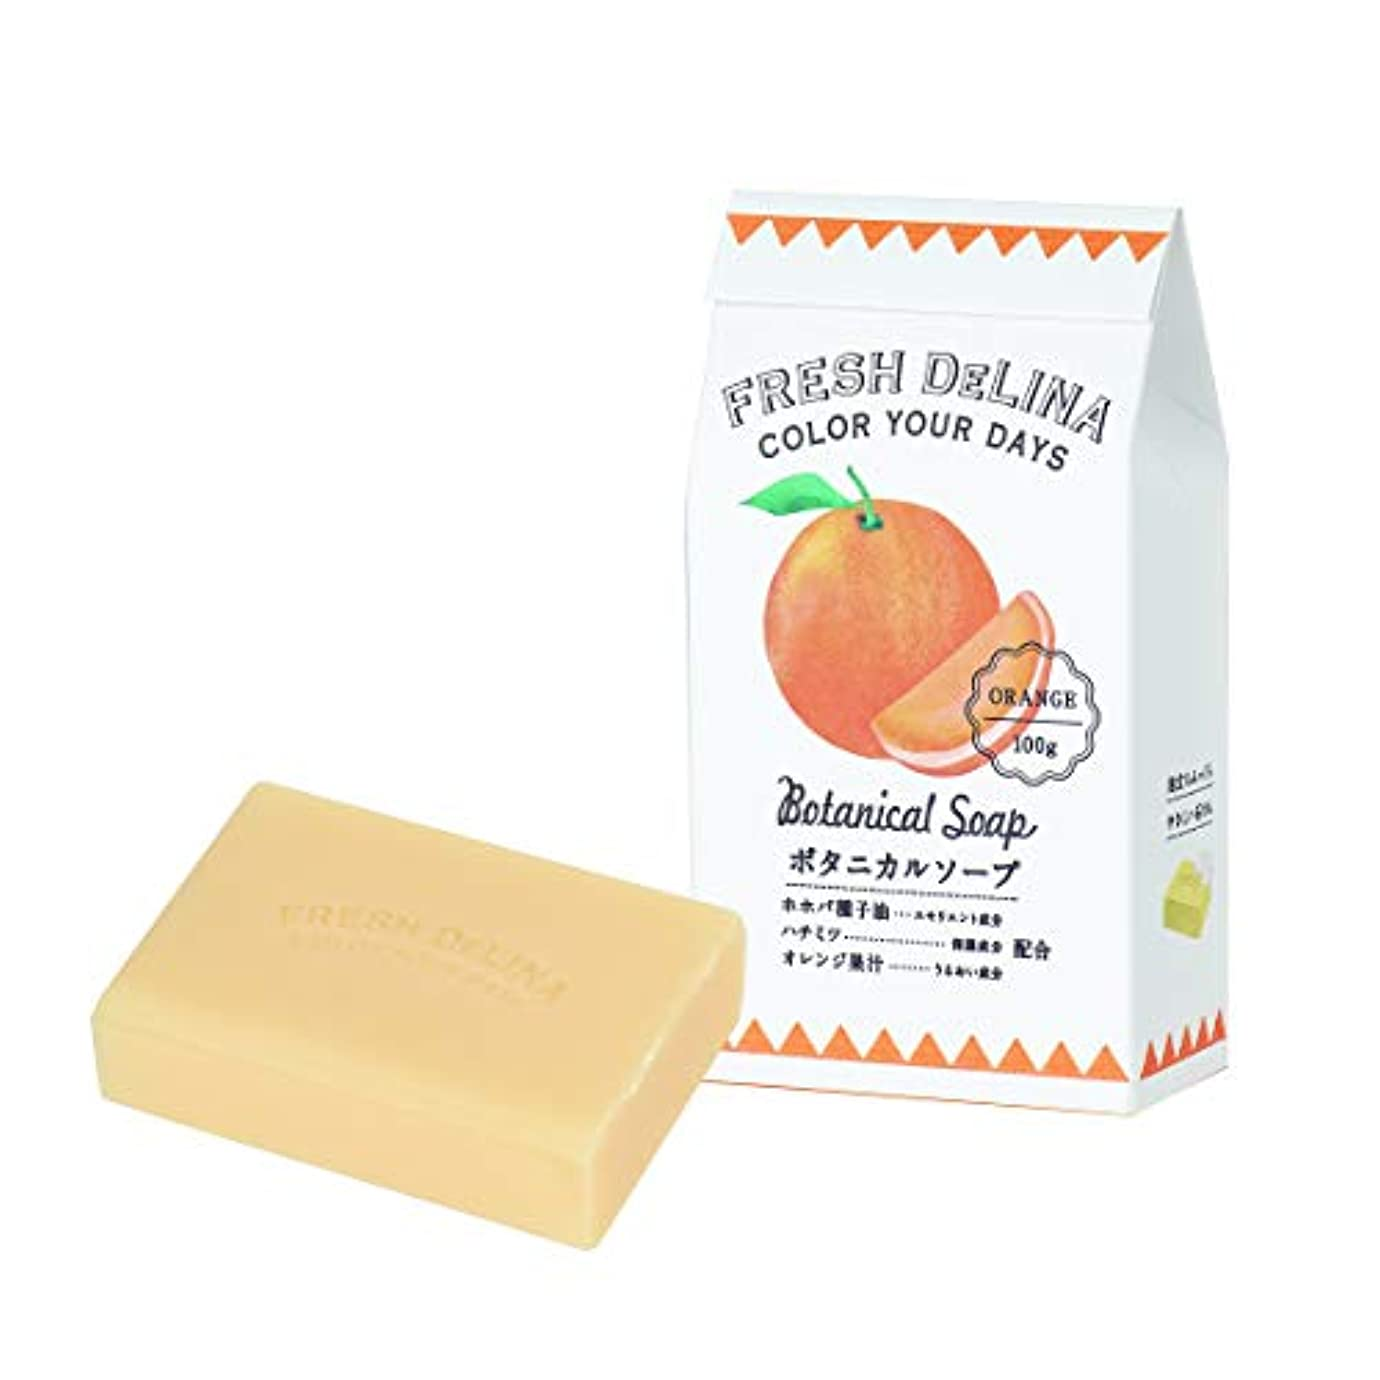 弱めるそよ風窒息させるフレッシュデリーナ ボタニカルソープ オレンジ 100g